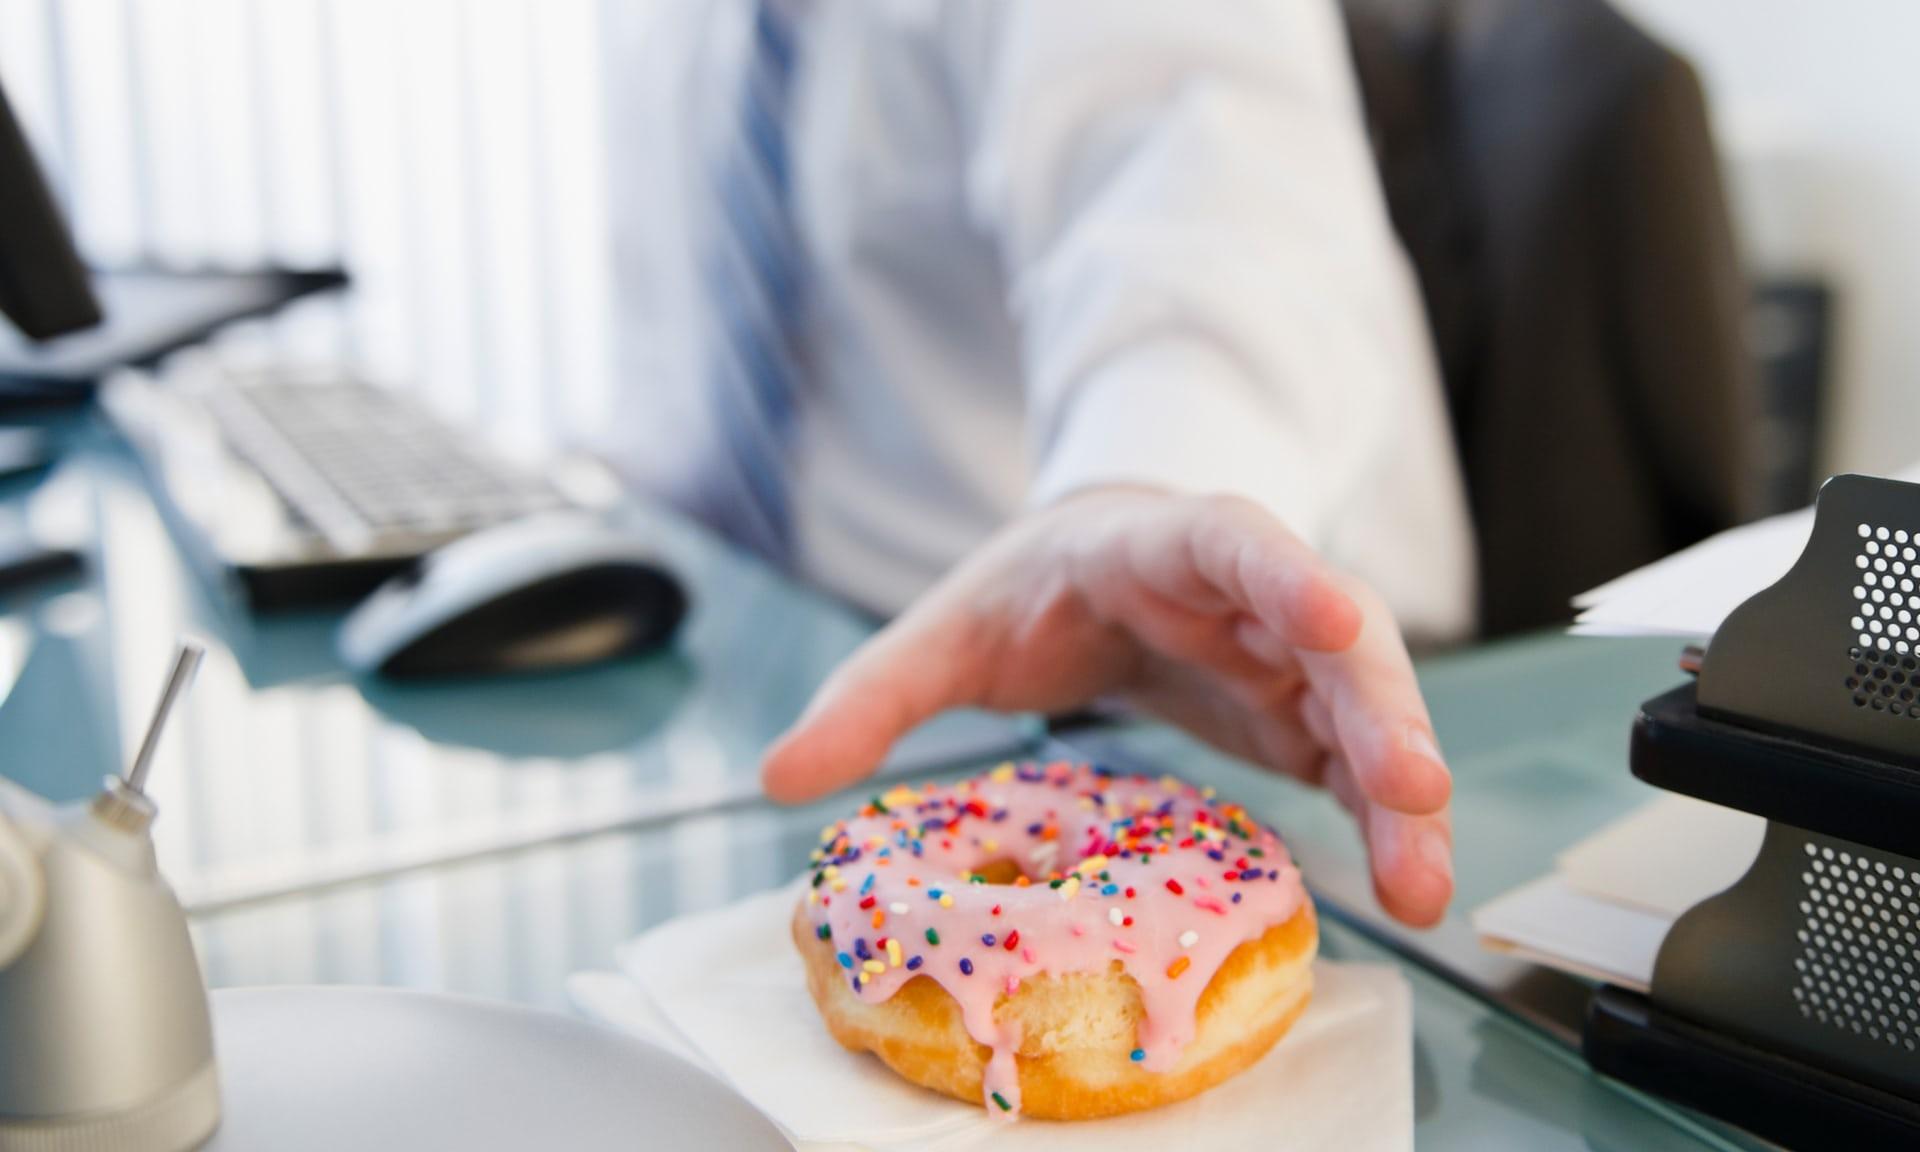 Depressziót okozhat a férfiaknál a túl sok cukor fogyasztása